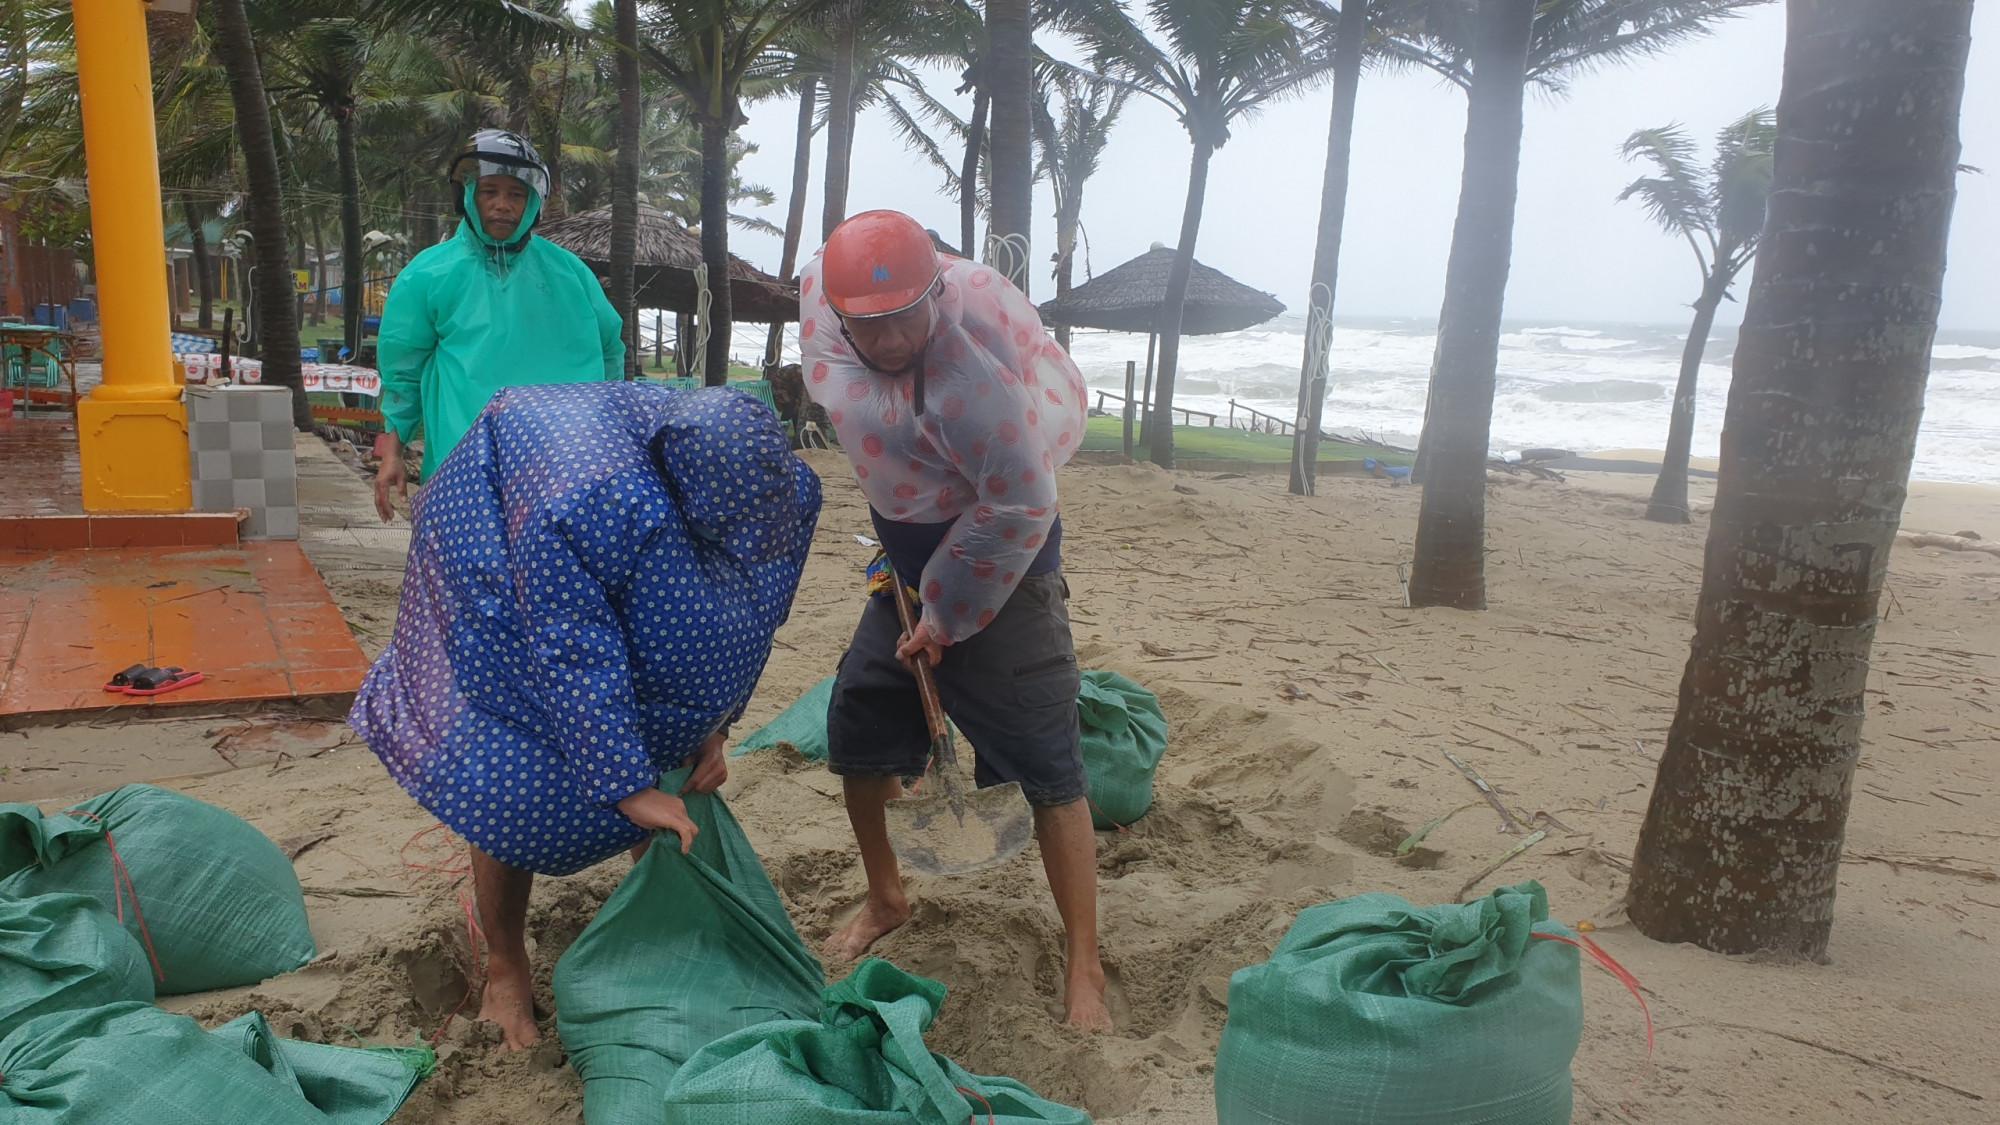 Nhận thấy tình hình có thể nghiêm trọng, người dân nơi đây đã cùng nhau dùng bao cát để gia cố tuyến đê chắn sóng